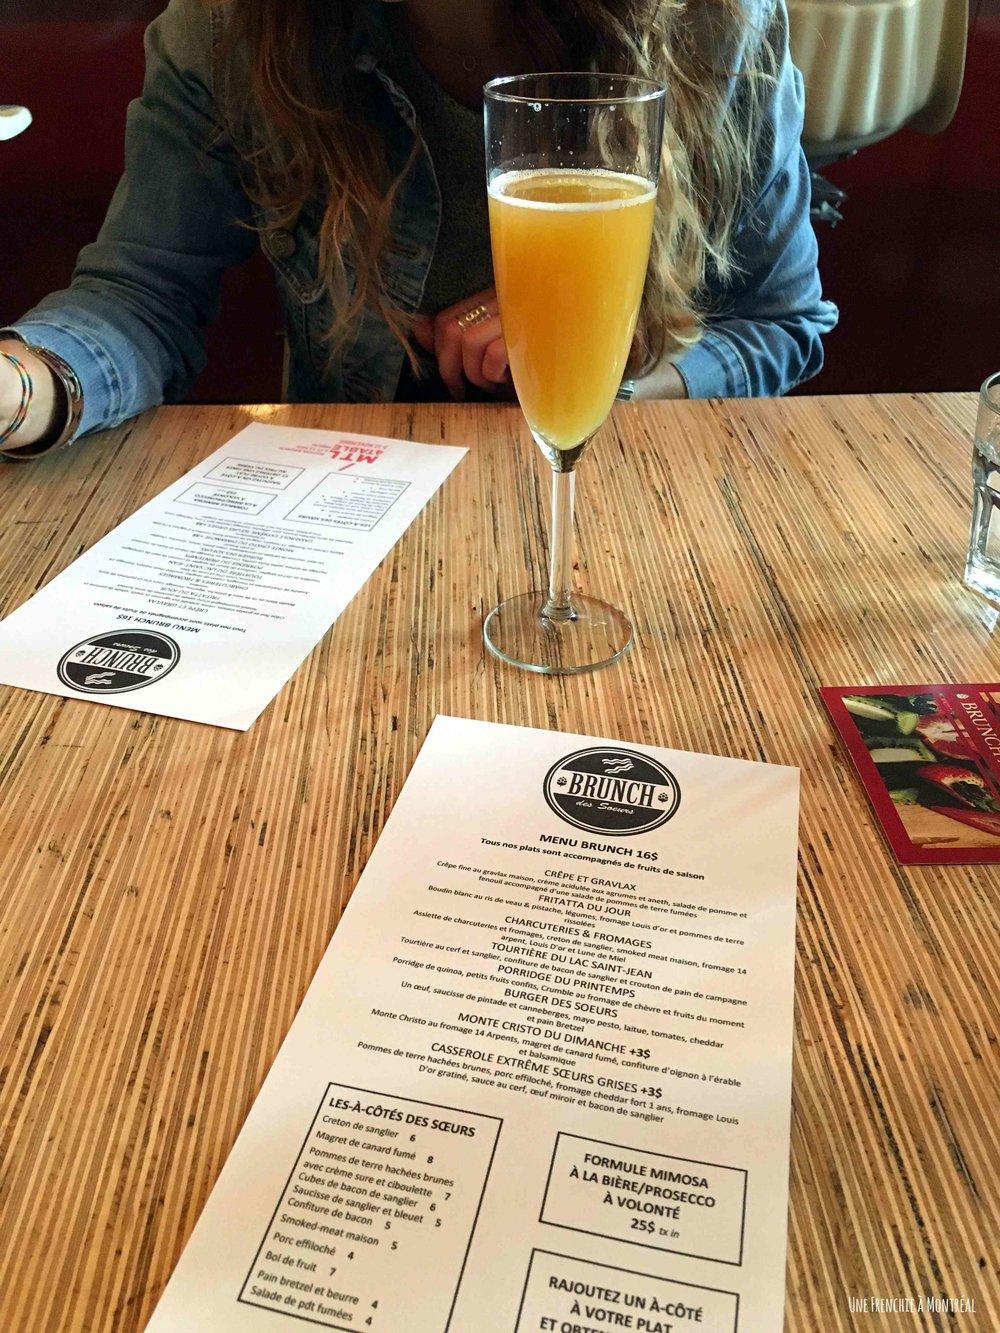 Mimosa + menu BBLSG